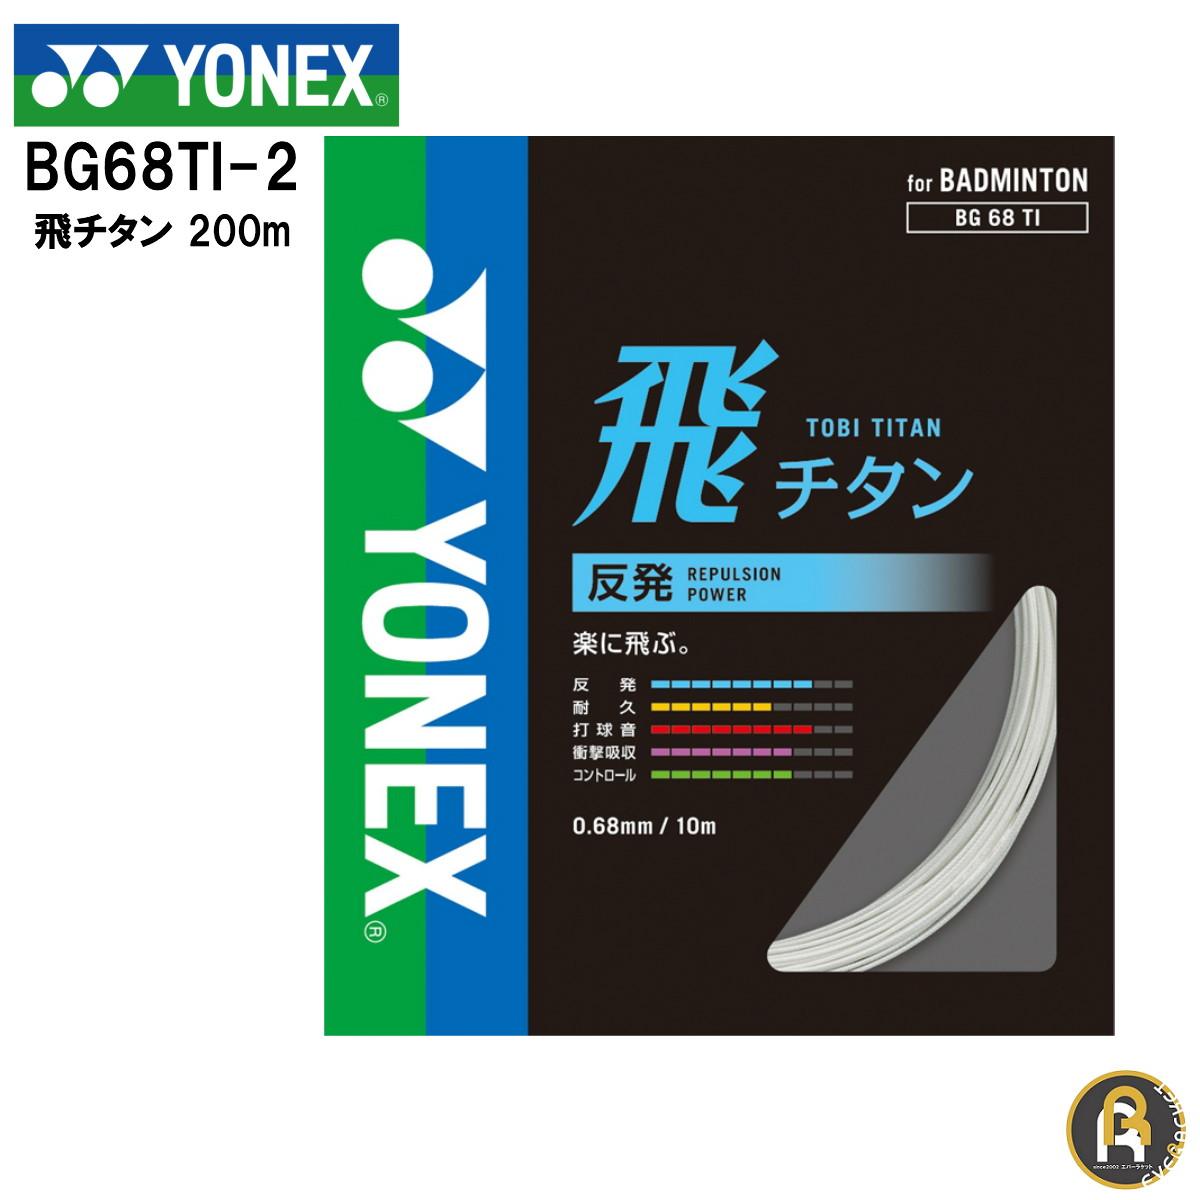 【激安ガット】YONEX ヨネックス バドミントン バドミントンストリング ガット トビチタン 200m BG68T-2